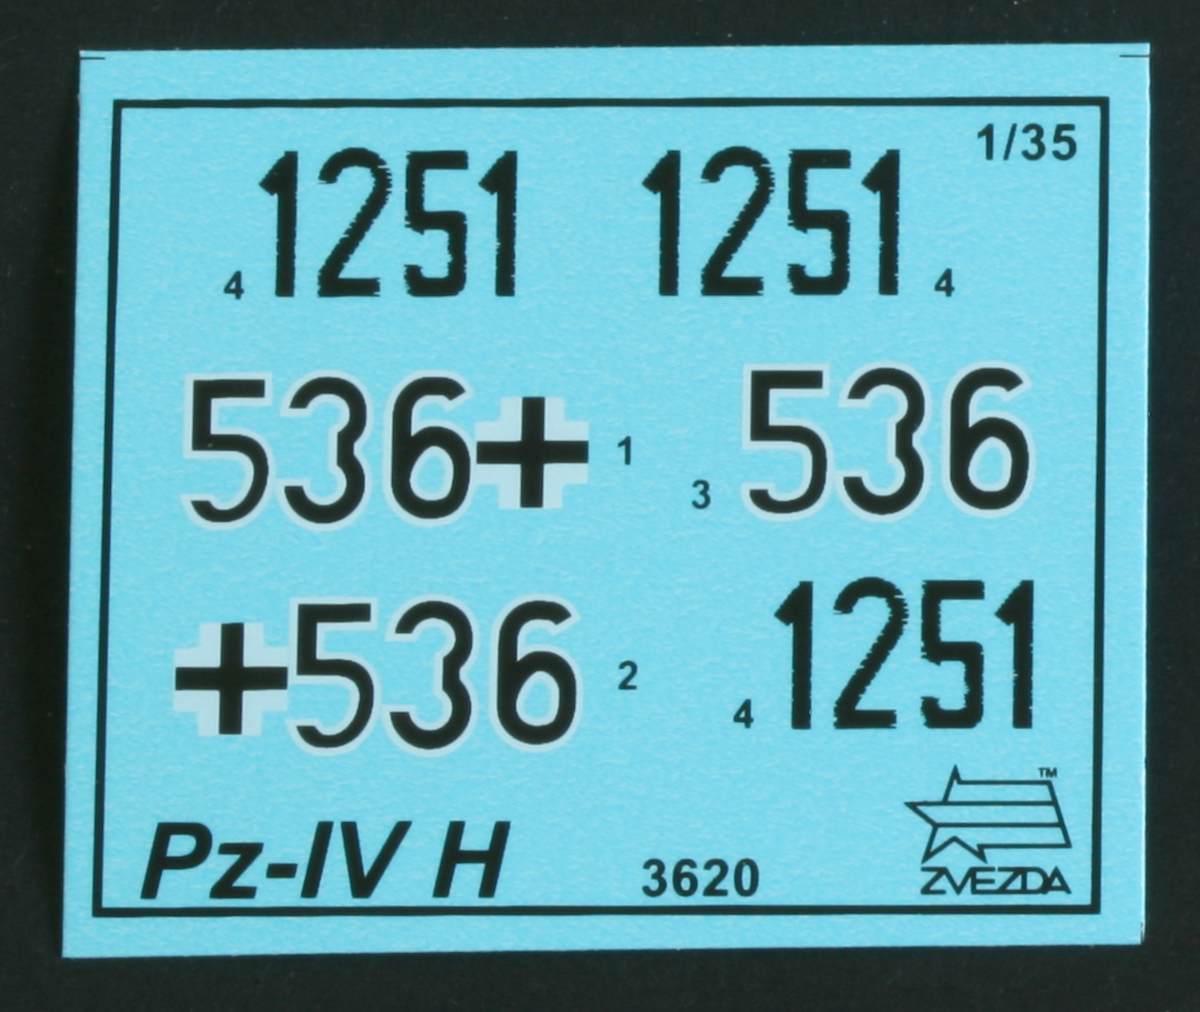 Zvezda-3620-Panzer-IV-Ausf.-H-Decals Panzer IV Ausf. H von ZVEZDA im Maßstab 1:35 ( # 3620 )